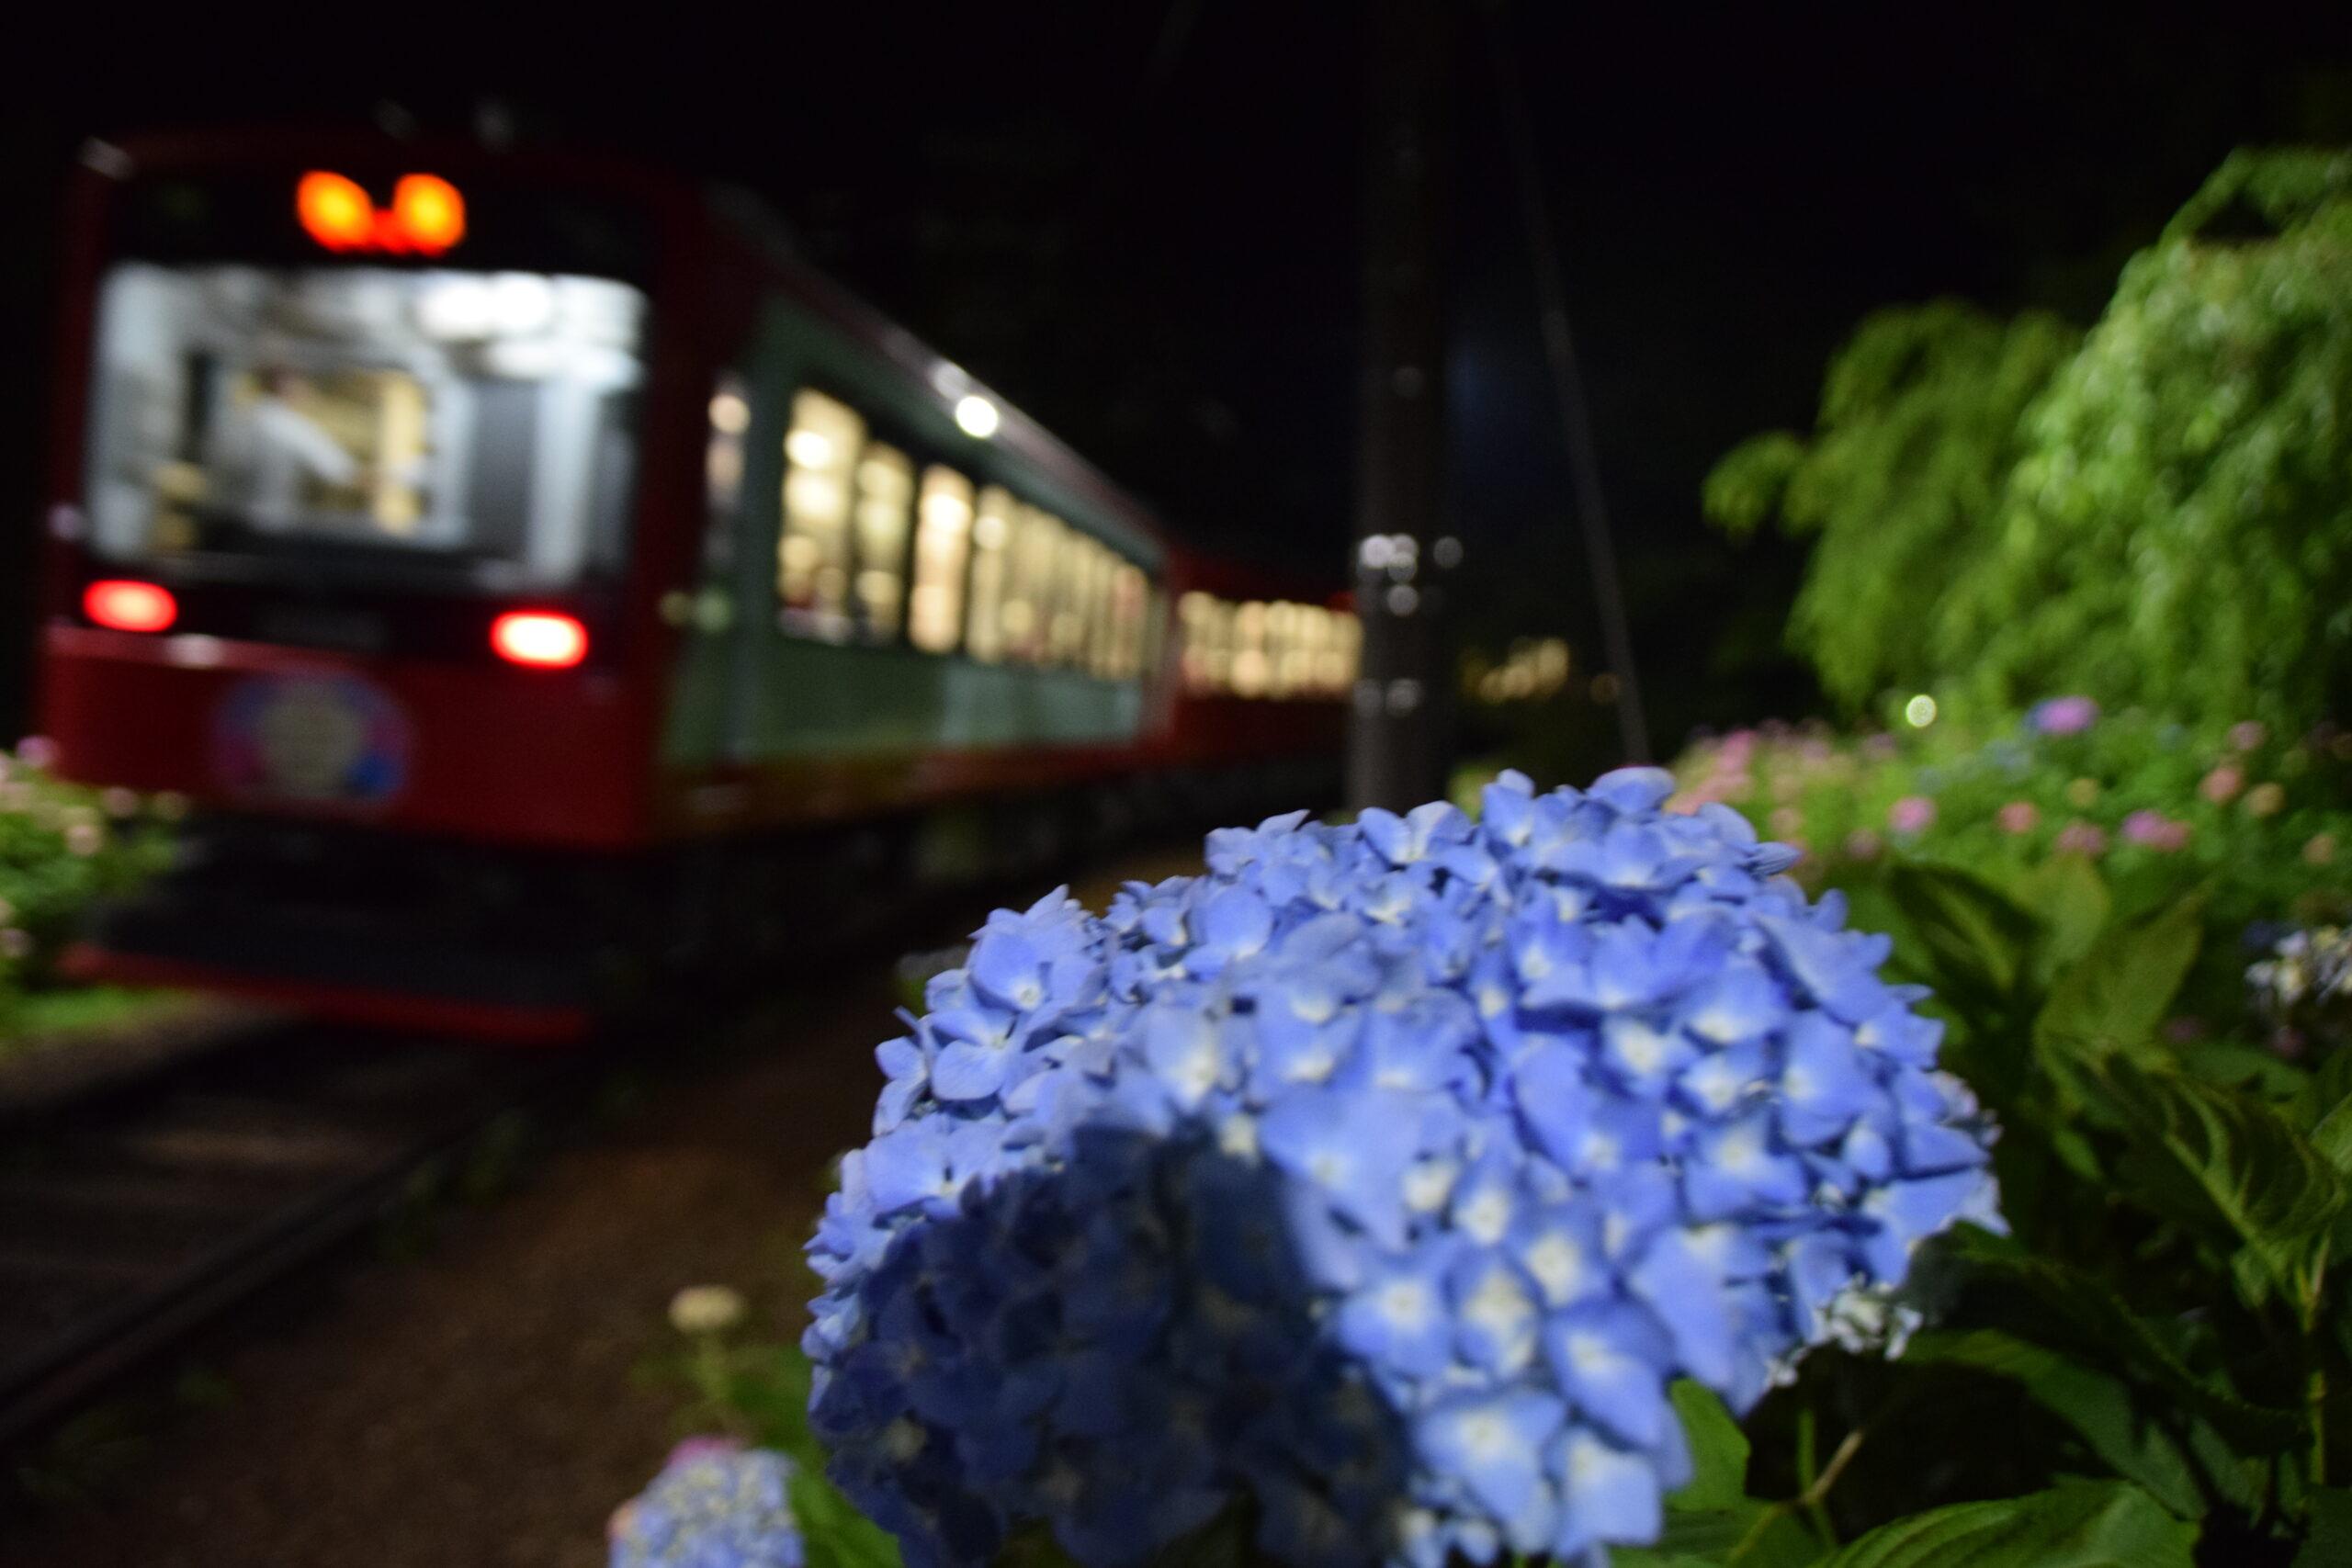 箱根あじさい電車の歴史 ― 2021年は2年ぶりに夜間ライトアップの実施が決定!《初夏の箱根の風物詩》